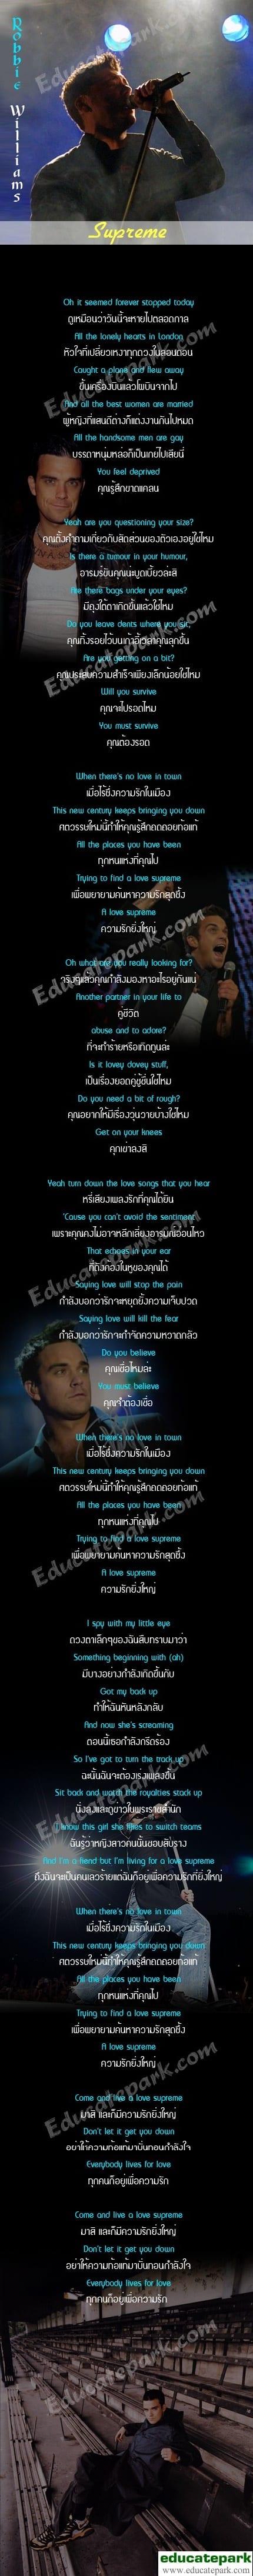 แปลเพลง Supreme - Robbie Williams